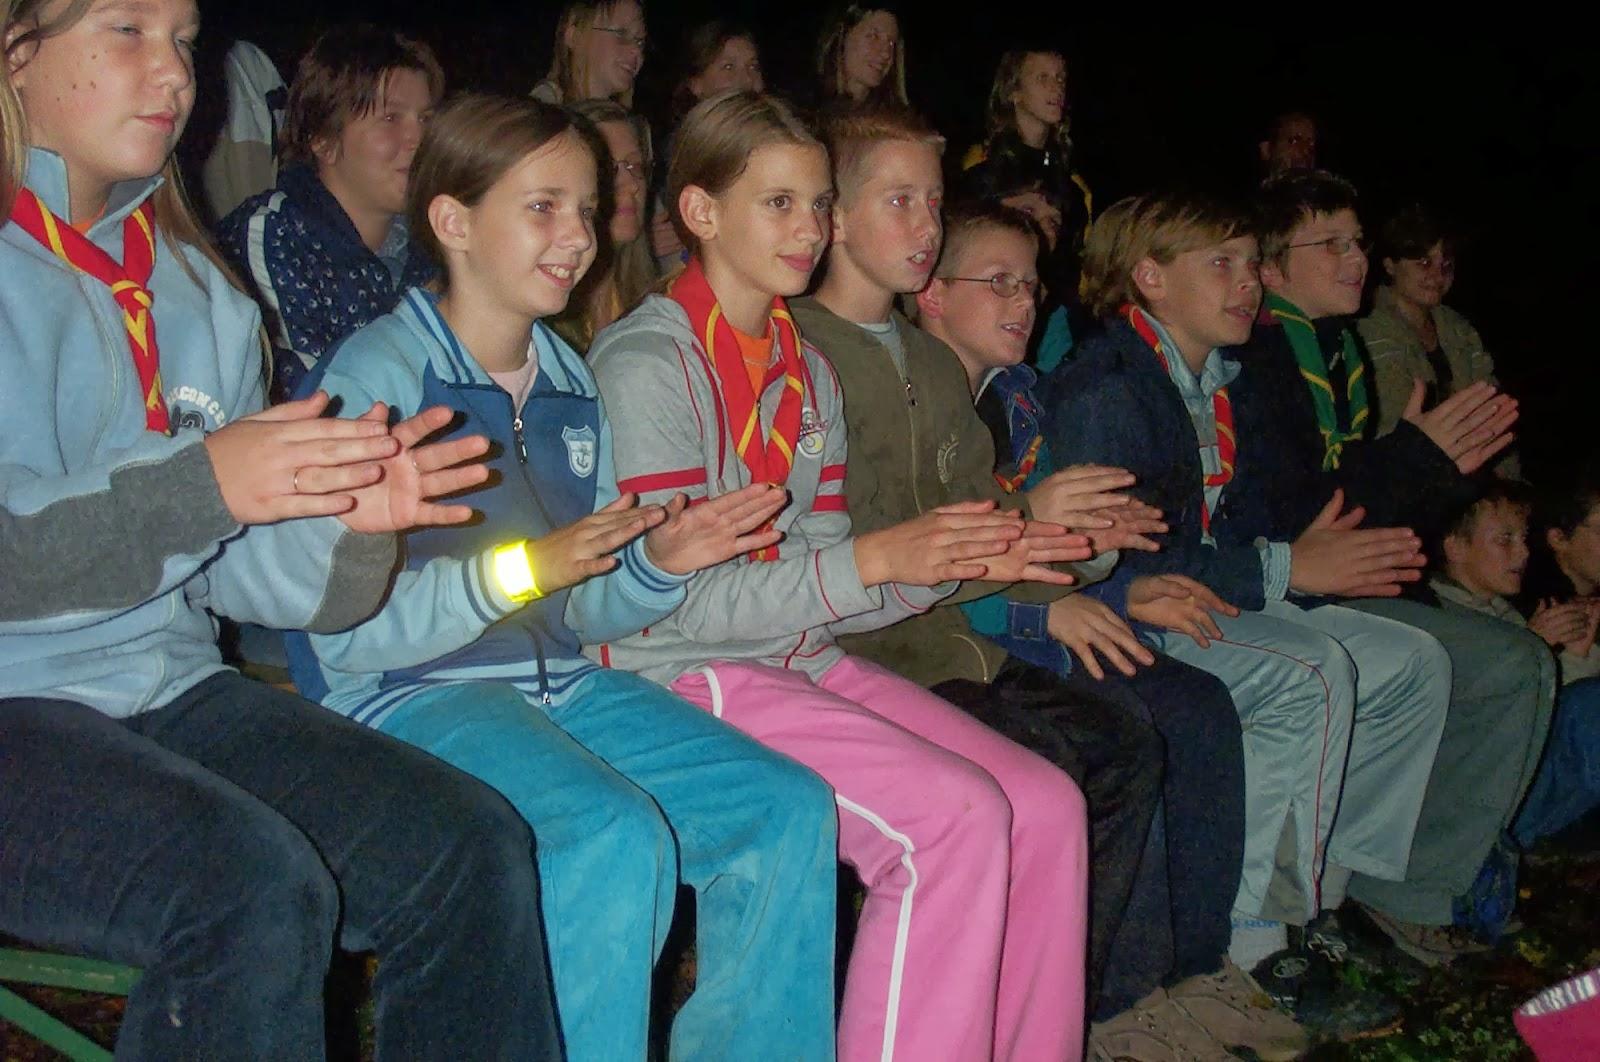 Prisega, Ilirska Bistrica 2004 - Prisega%2B2004%2B016.jpg